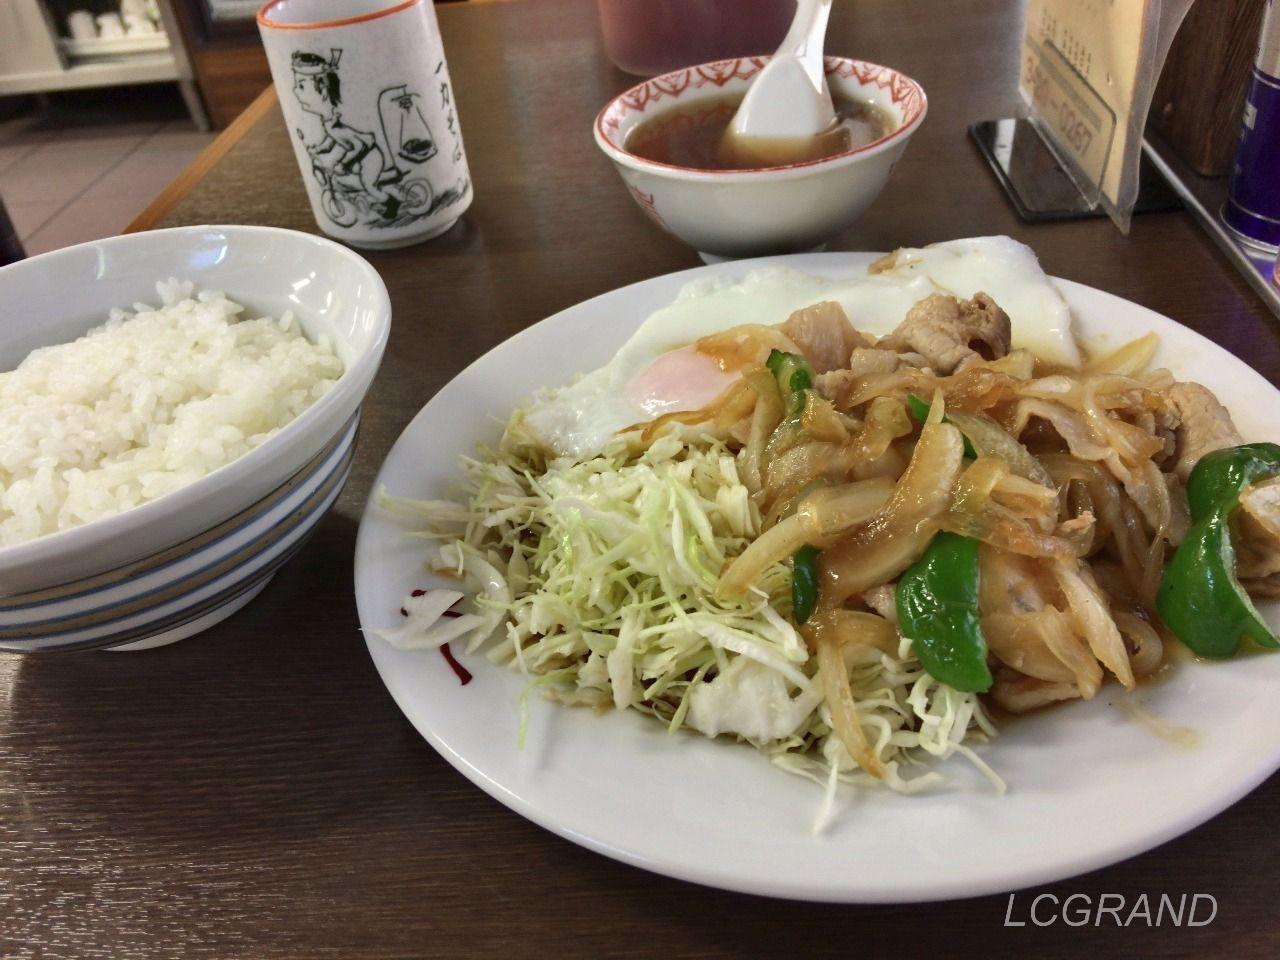 肉目玉ライス 豚の生姜焼き 目玉焼き ごはん 定食